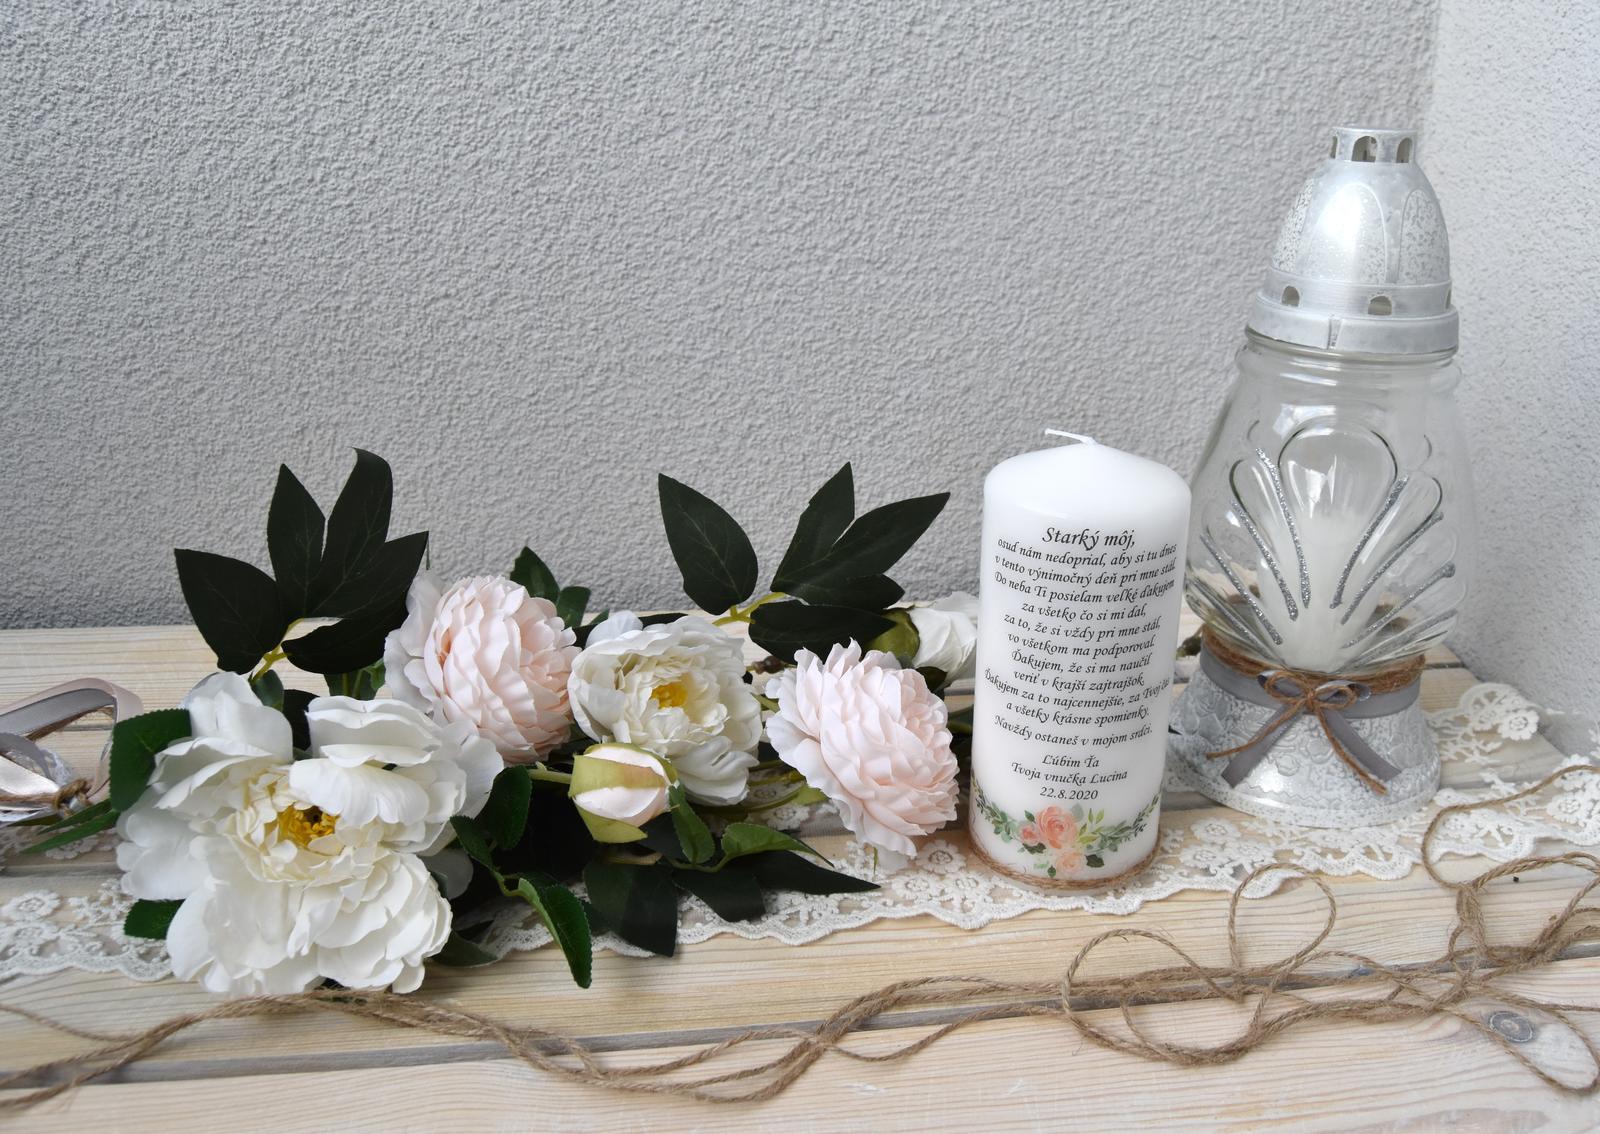 Wedding Time - svietnik, sviečka a kytička do vázy pre môjho hrdinu ♥